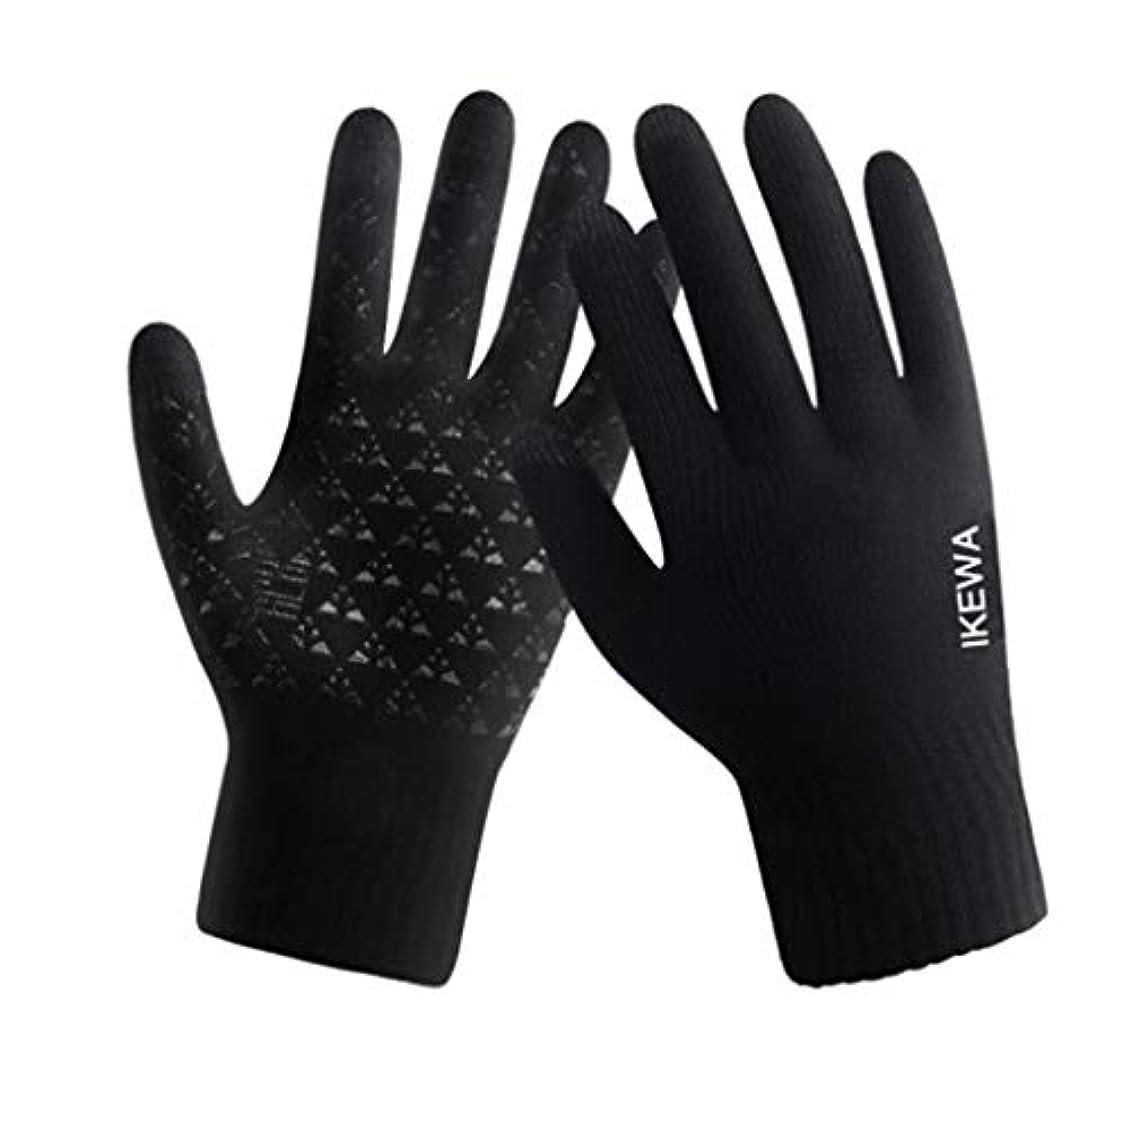 肉プレビュー構想する冬の羊毛の手袋、男性と女性、サイクリング、暖かいニット、タッチスクリーン、5本指の手袋、黒(男性)